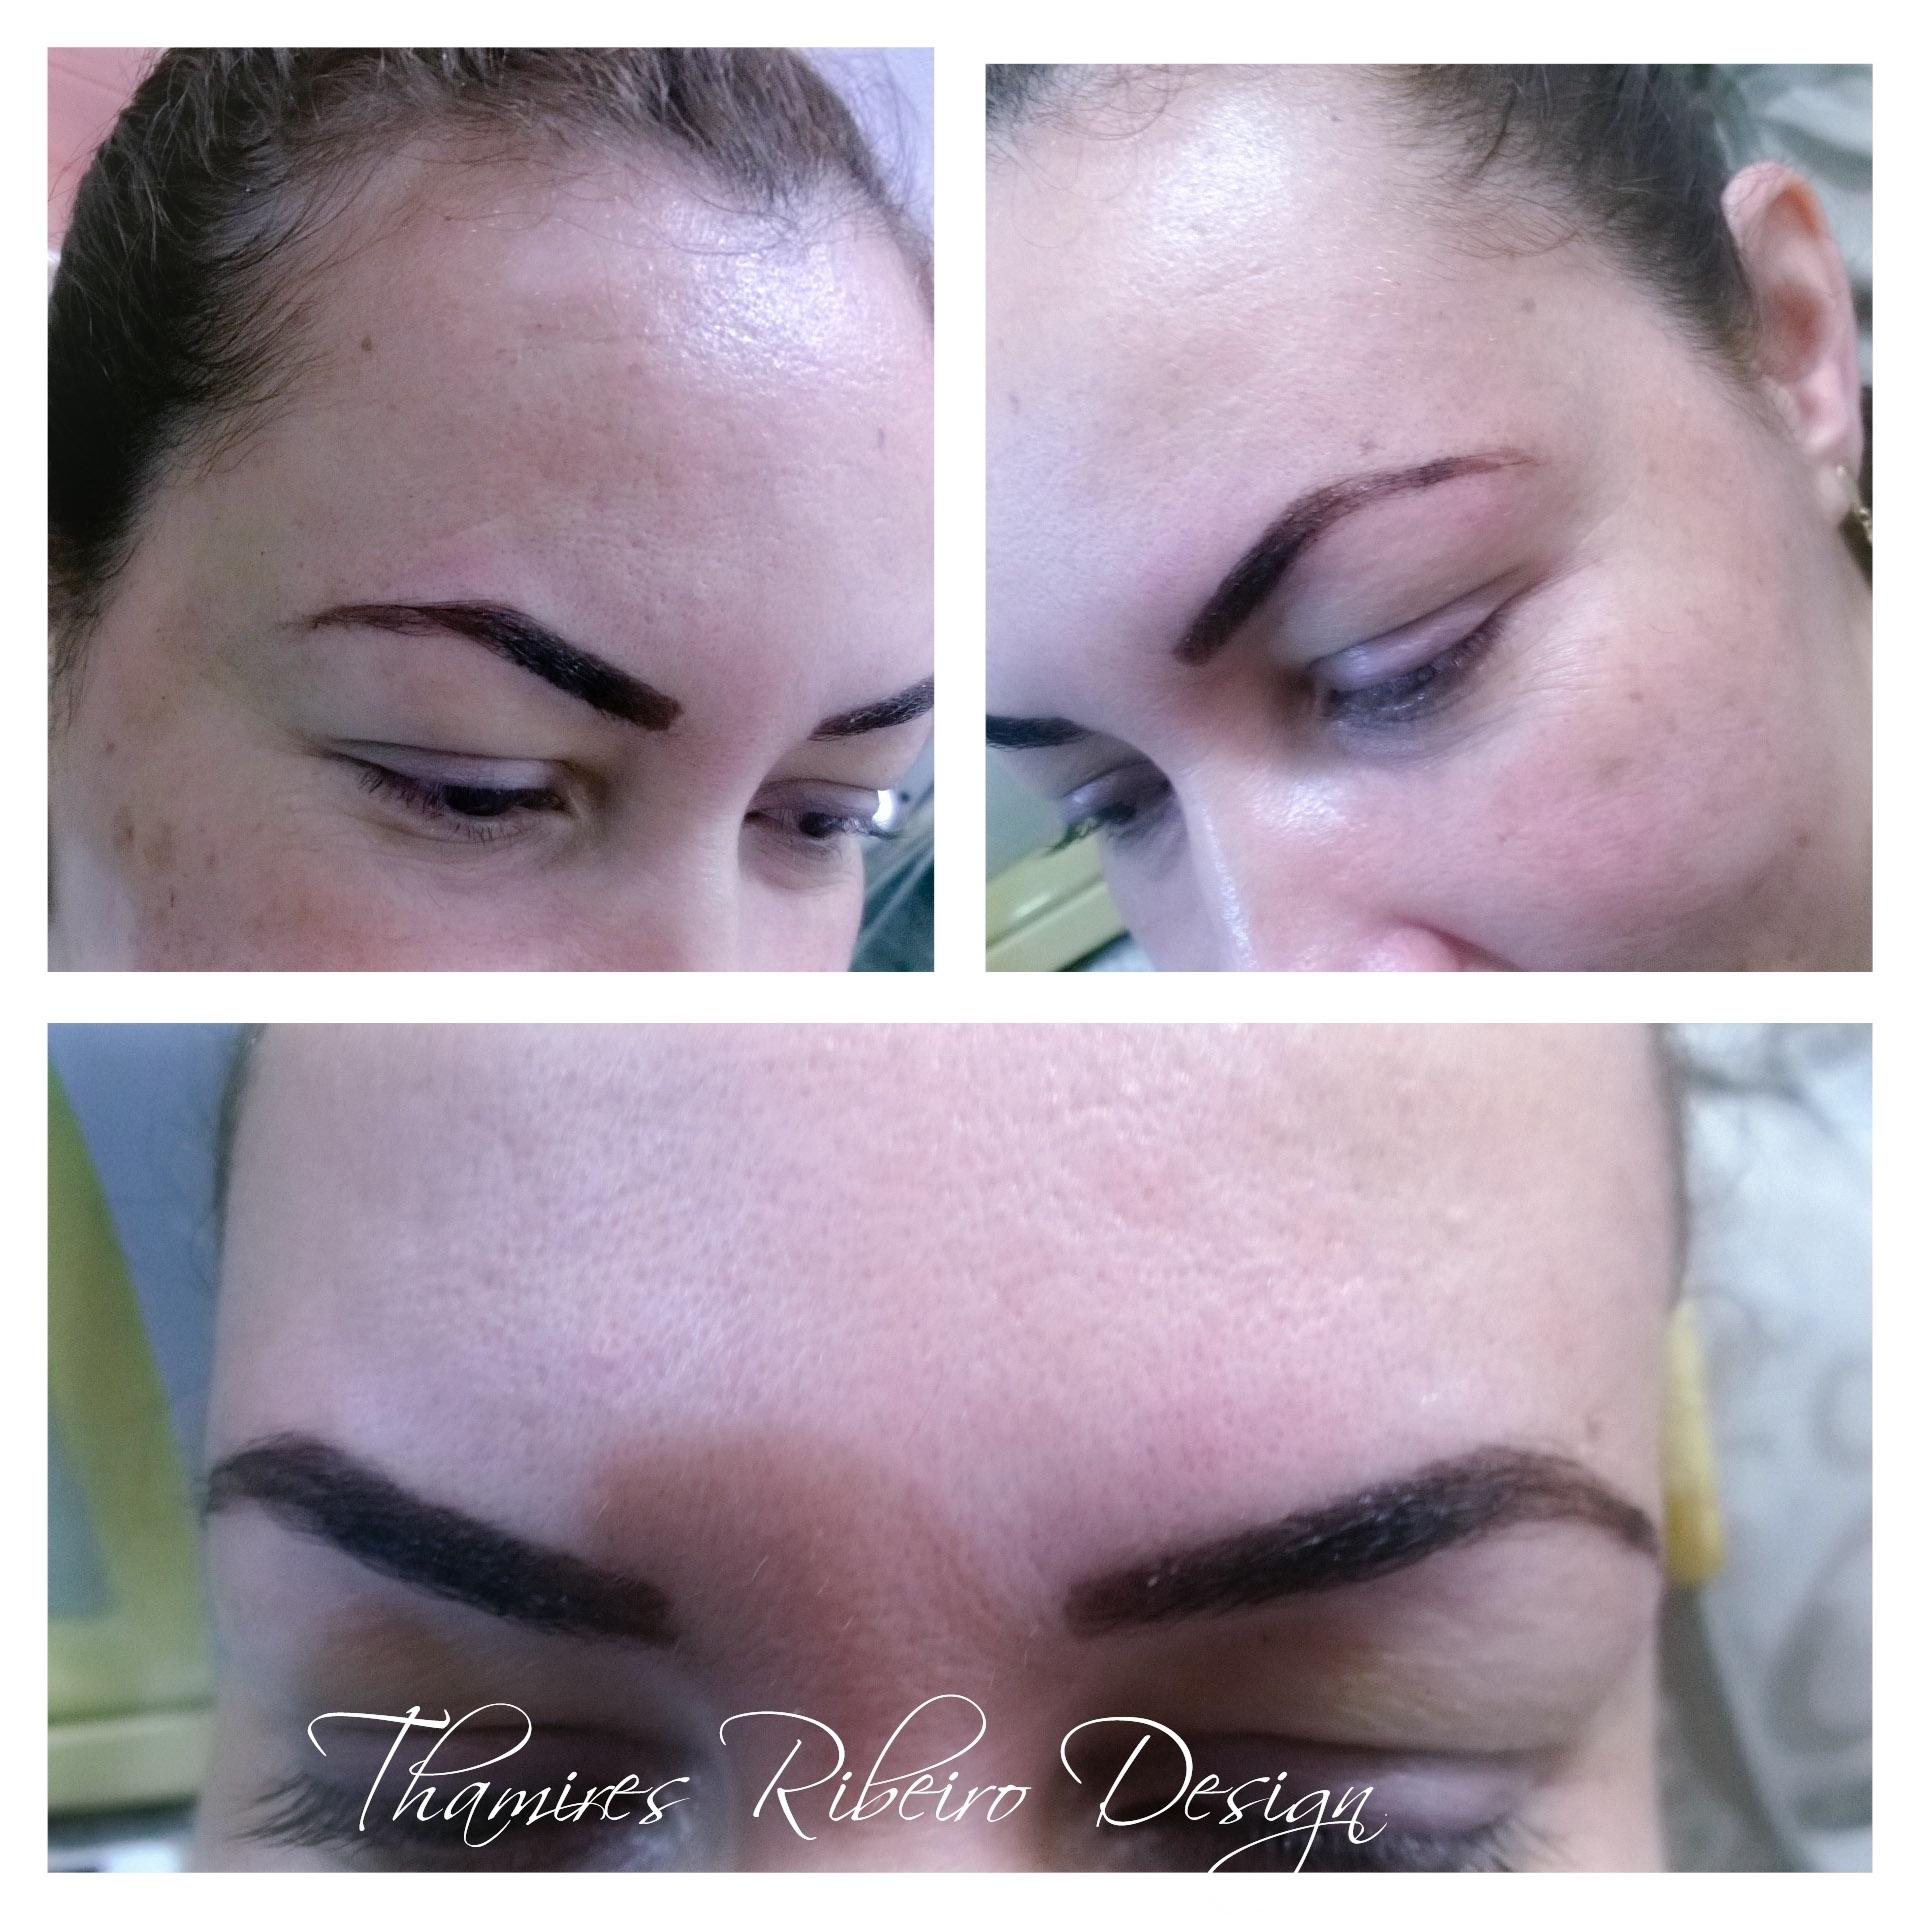 #cliente satisfeita #henna #linda #sobrancelhas #Design  estética manicure e pedicure designer de sobrancelhas